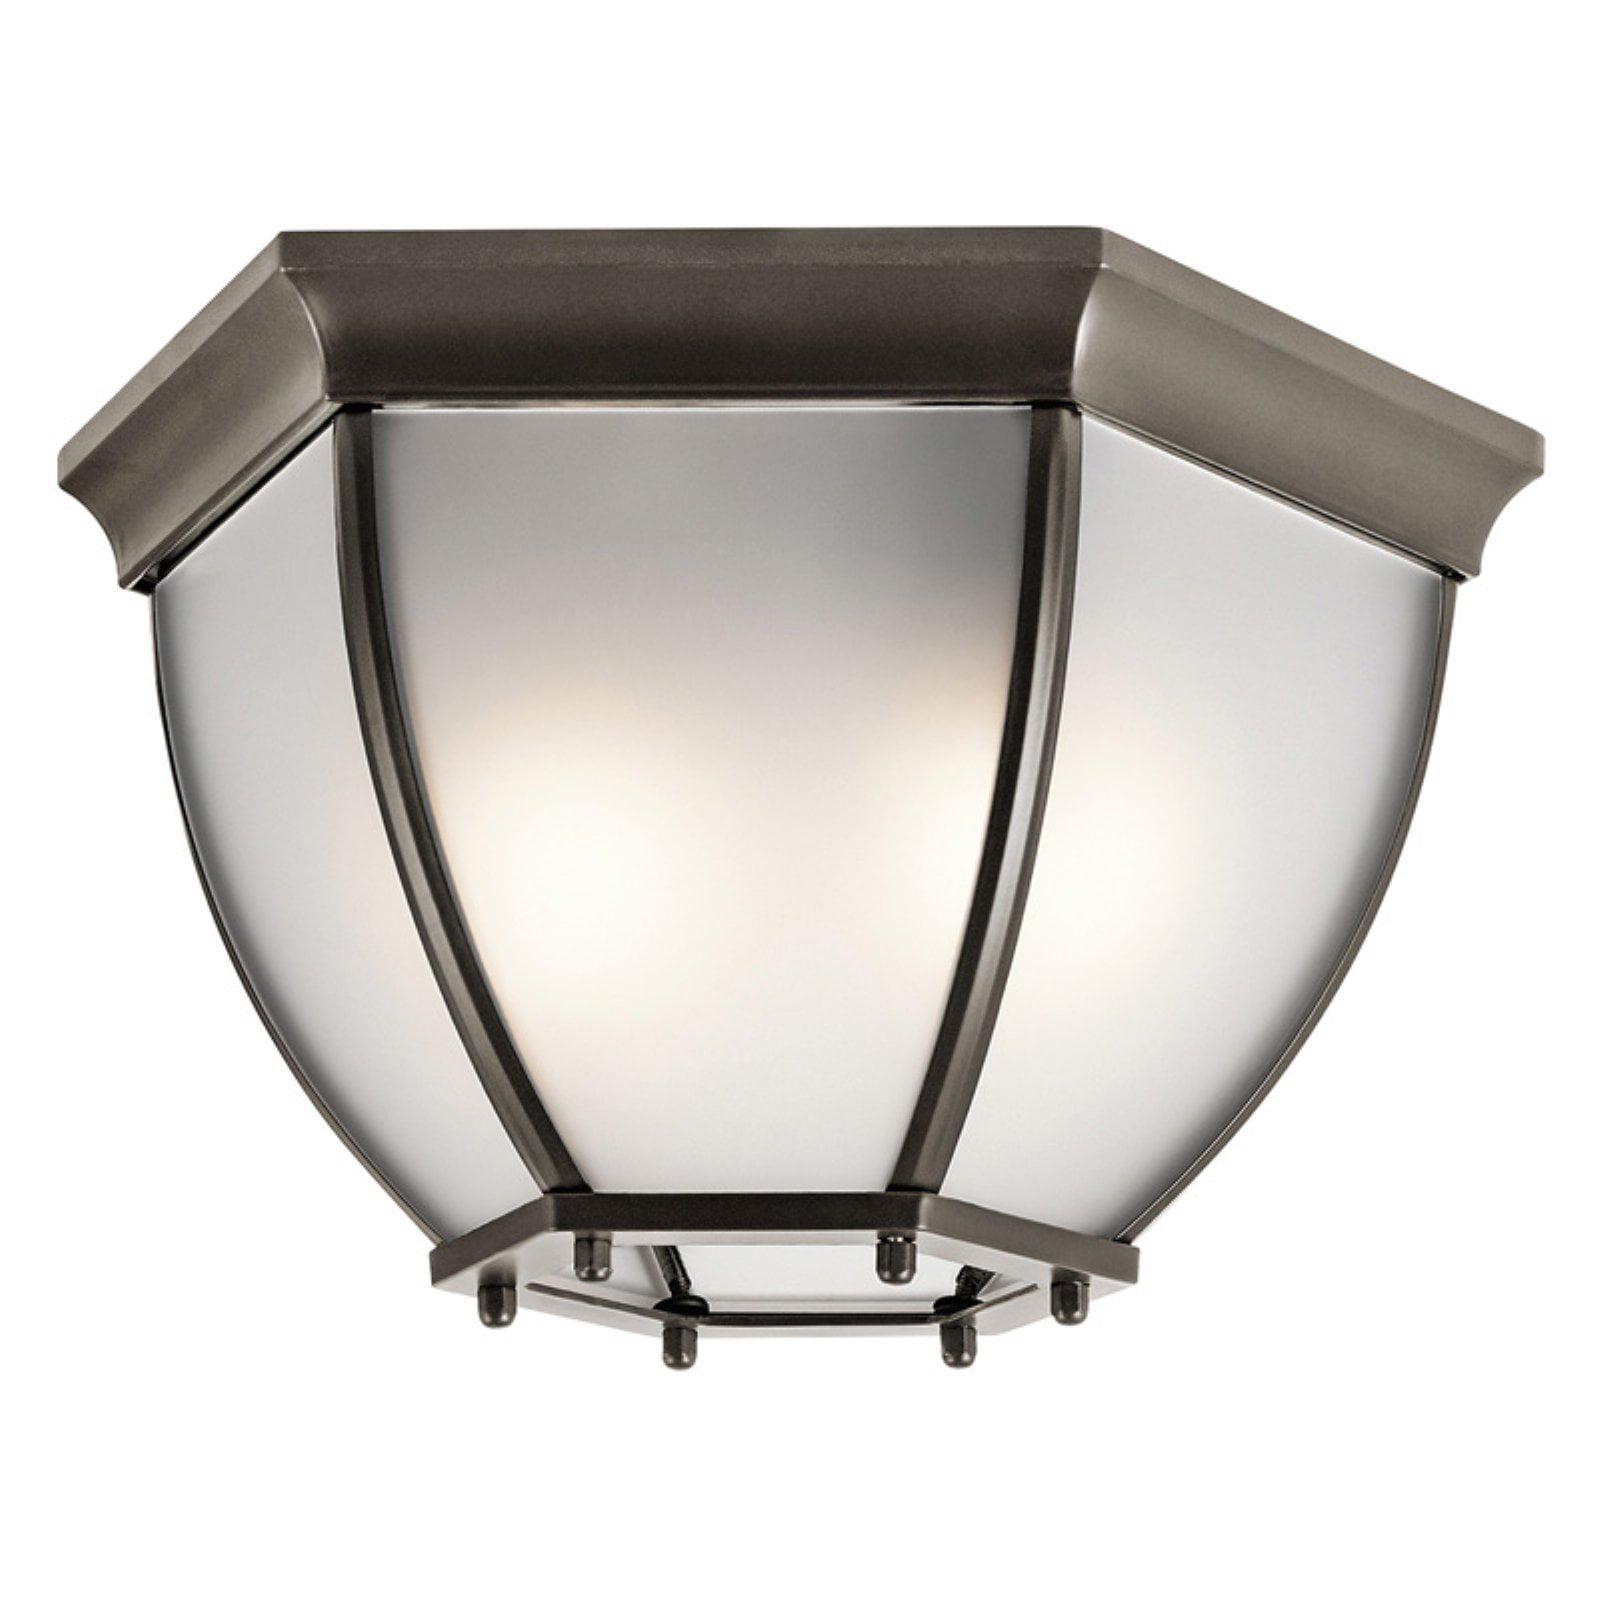 Kichler 9886 Outdoor Flush Mount Light